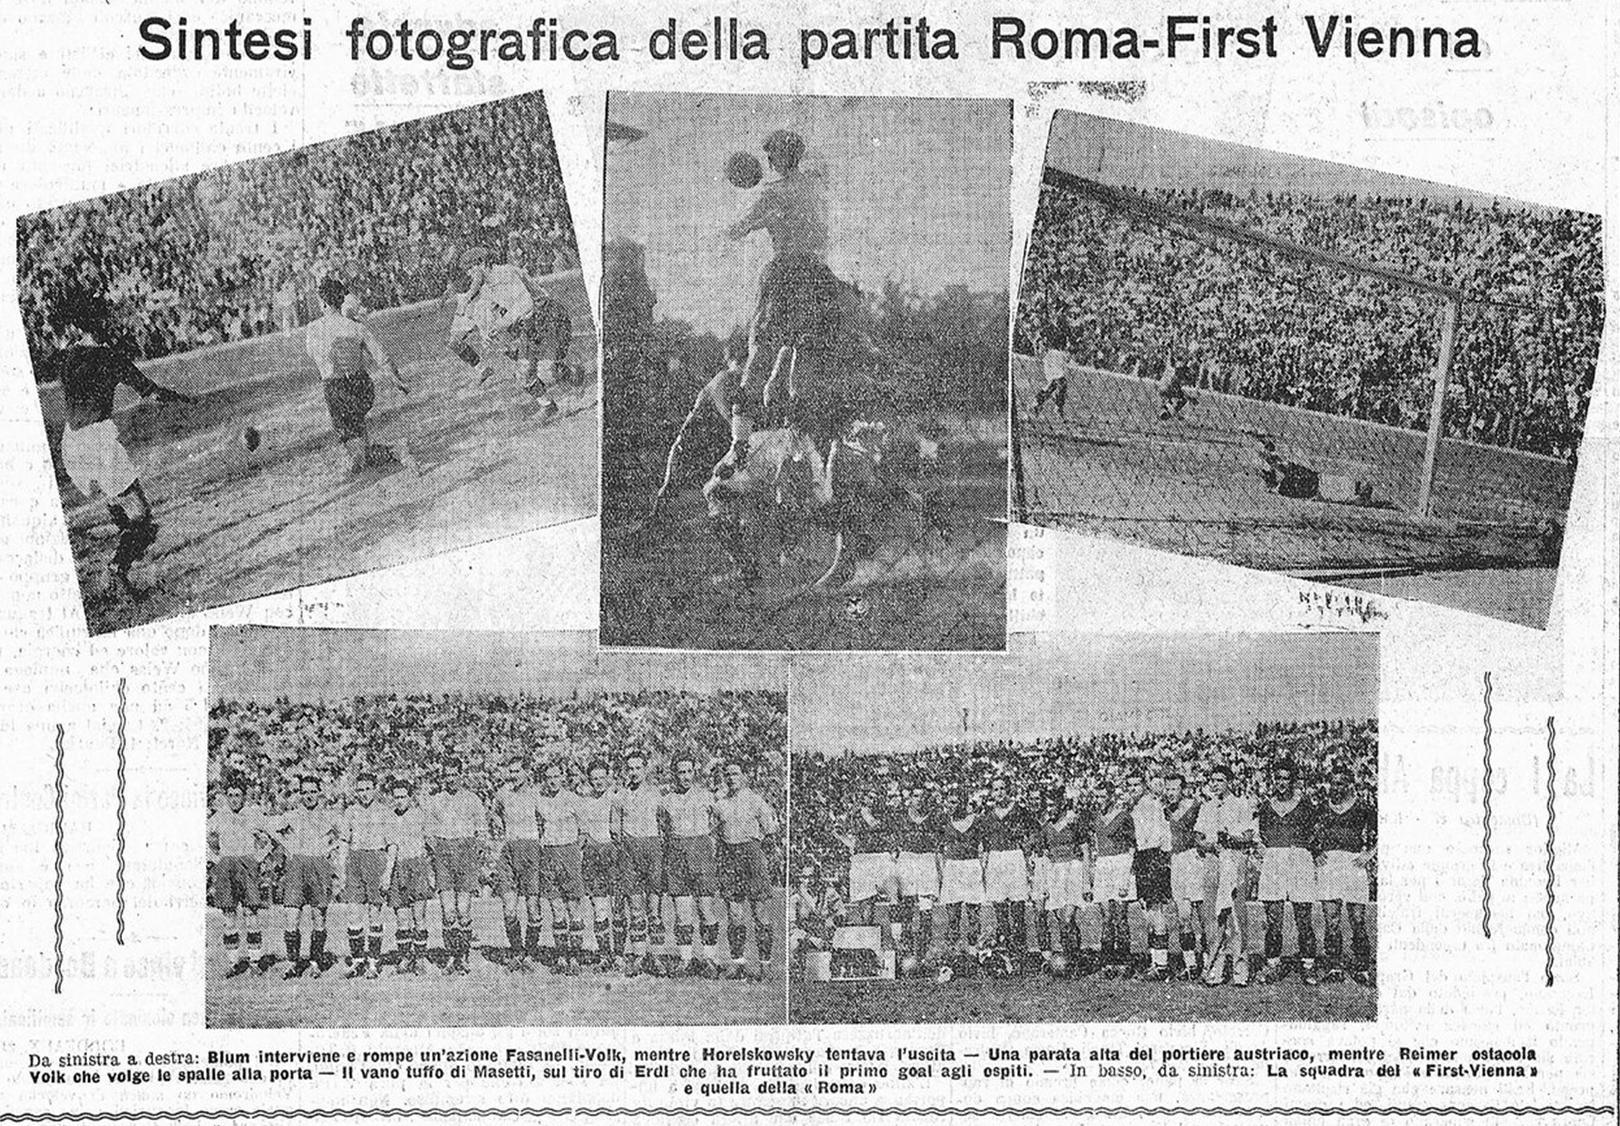 Resoconto d'epoca della sfida tra Roma e First Vienna